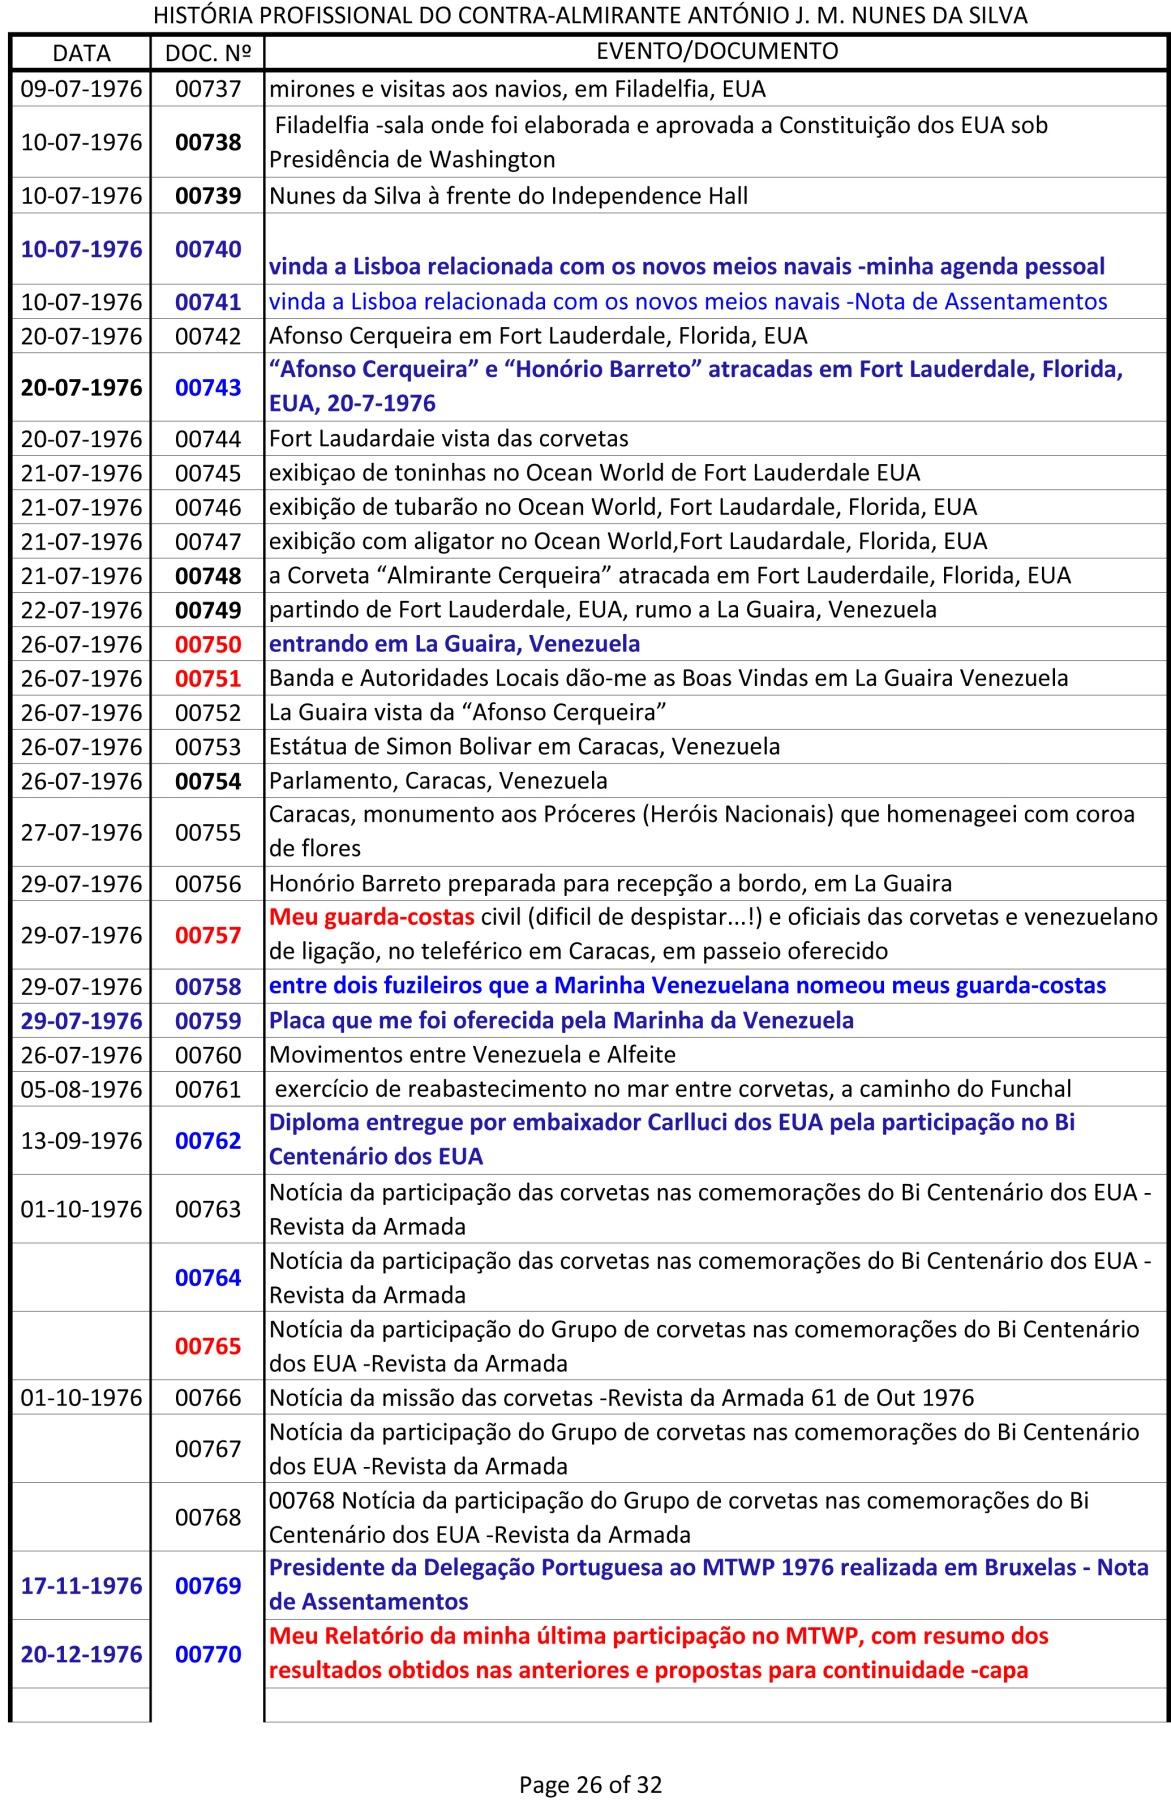 Índice dos documentos da História Profissional do CAlm Nunes da Silva -1943 a 1991-26